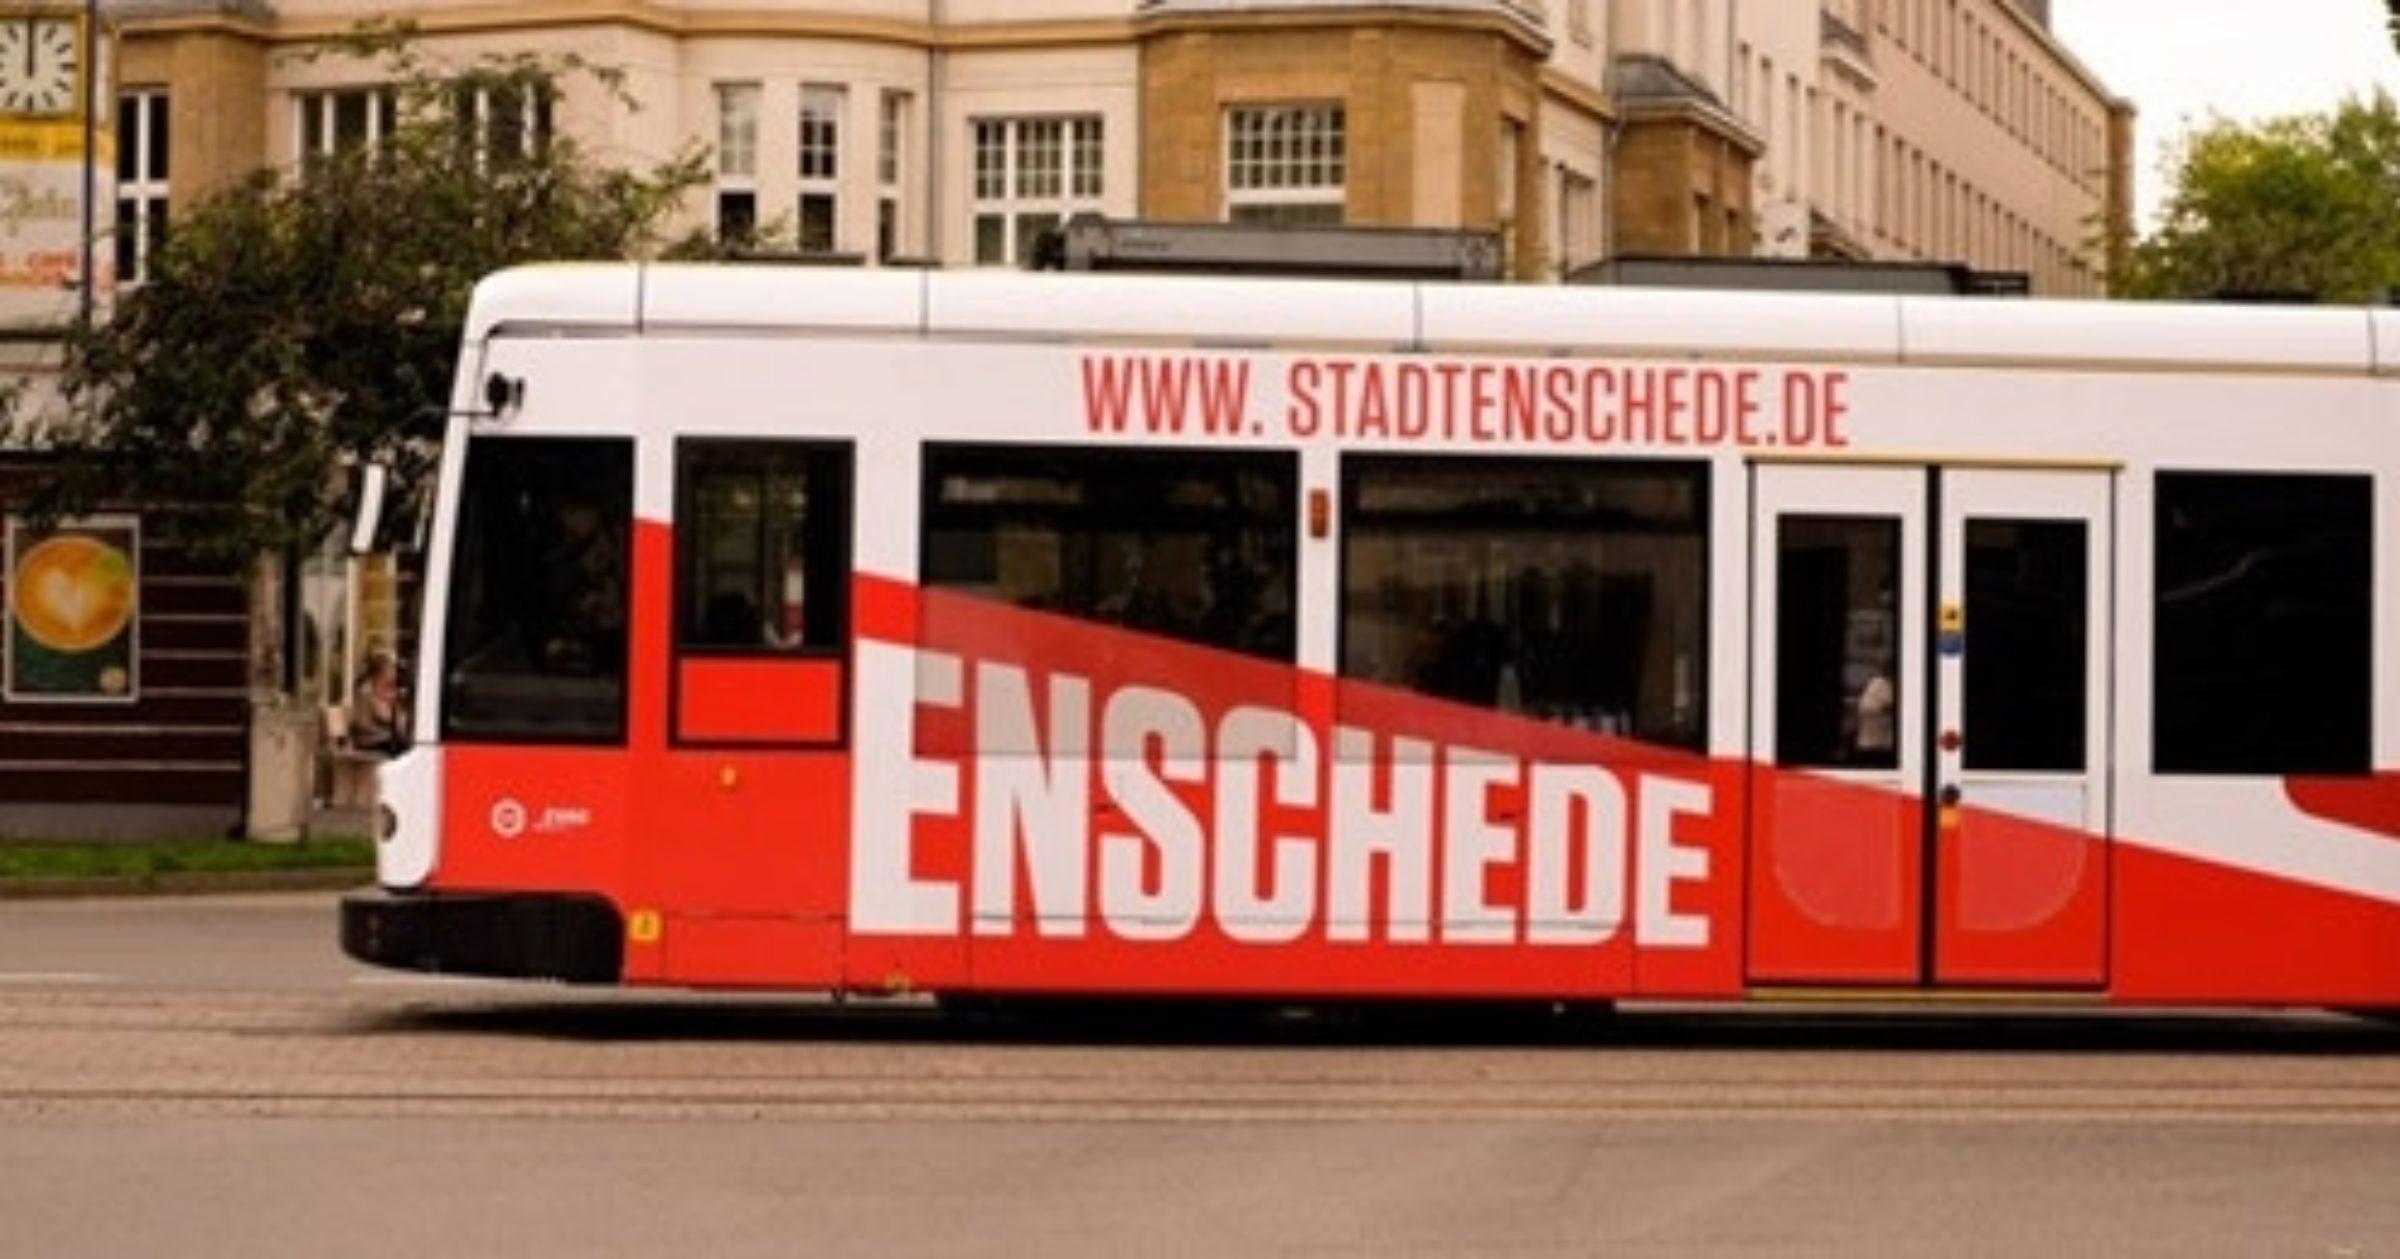 Enschede Bahn